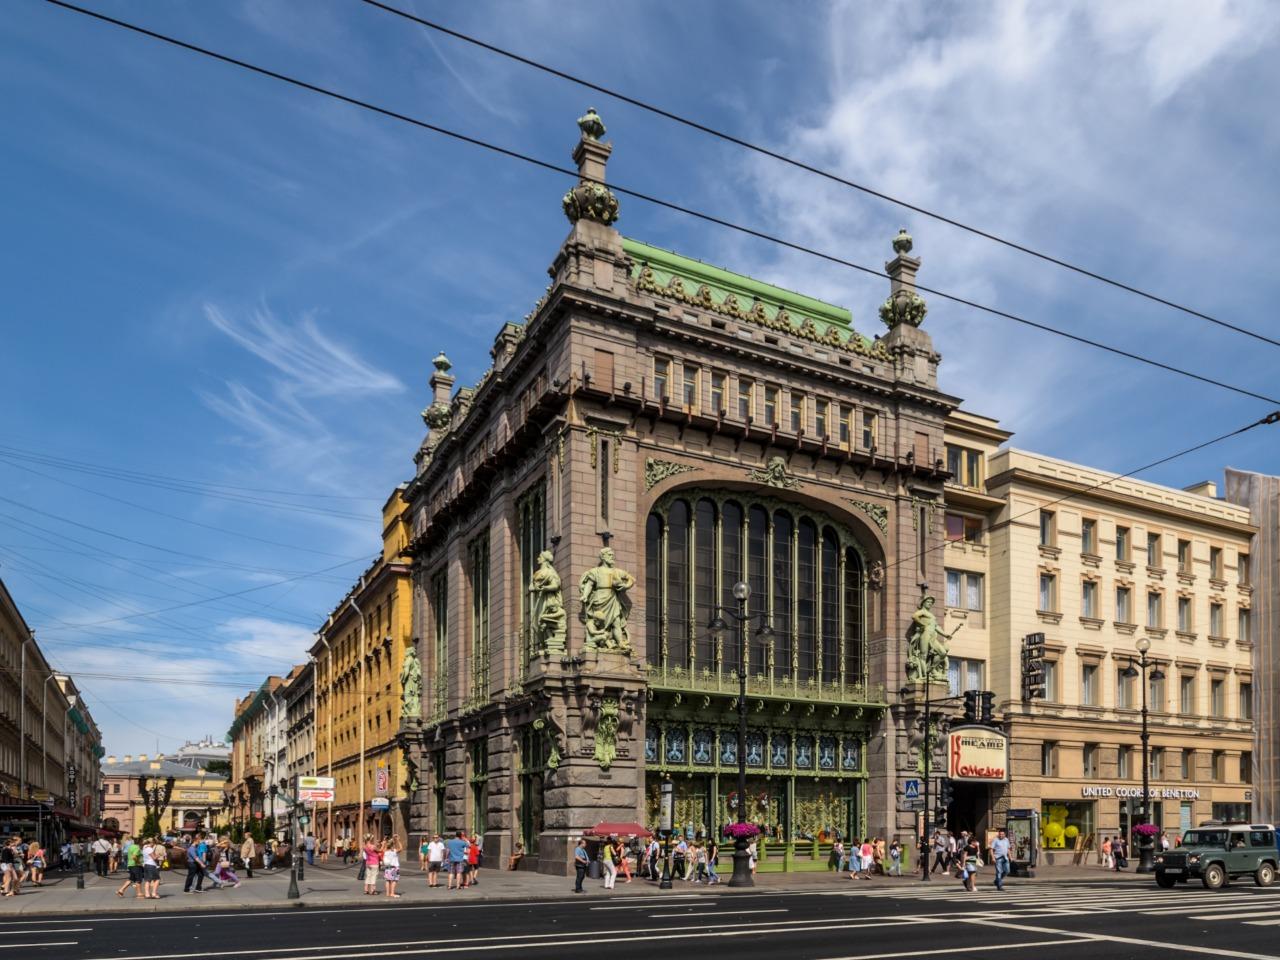 Петербург глазами местных жителей - индивидуальная экскурсия по Санкт-Петербургу от опытного гида